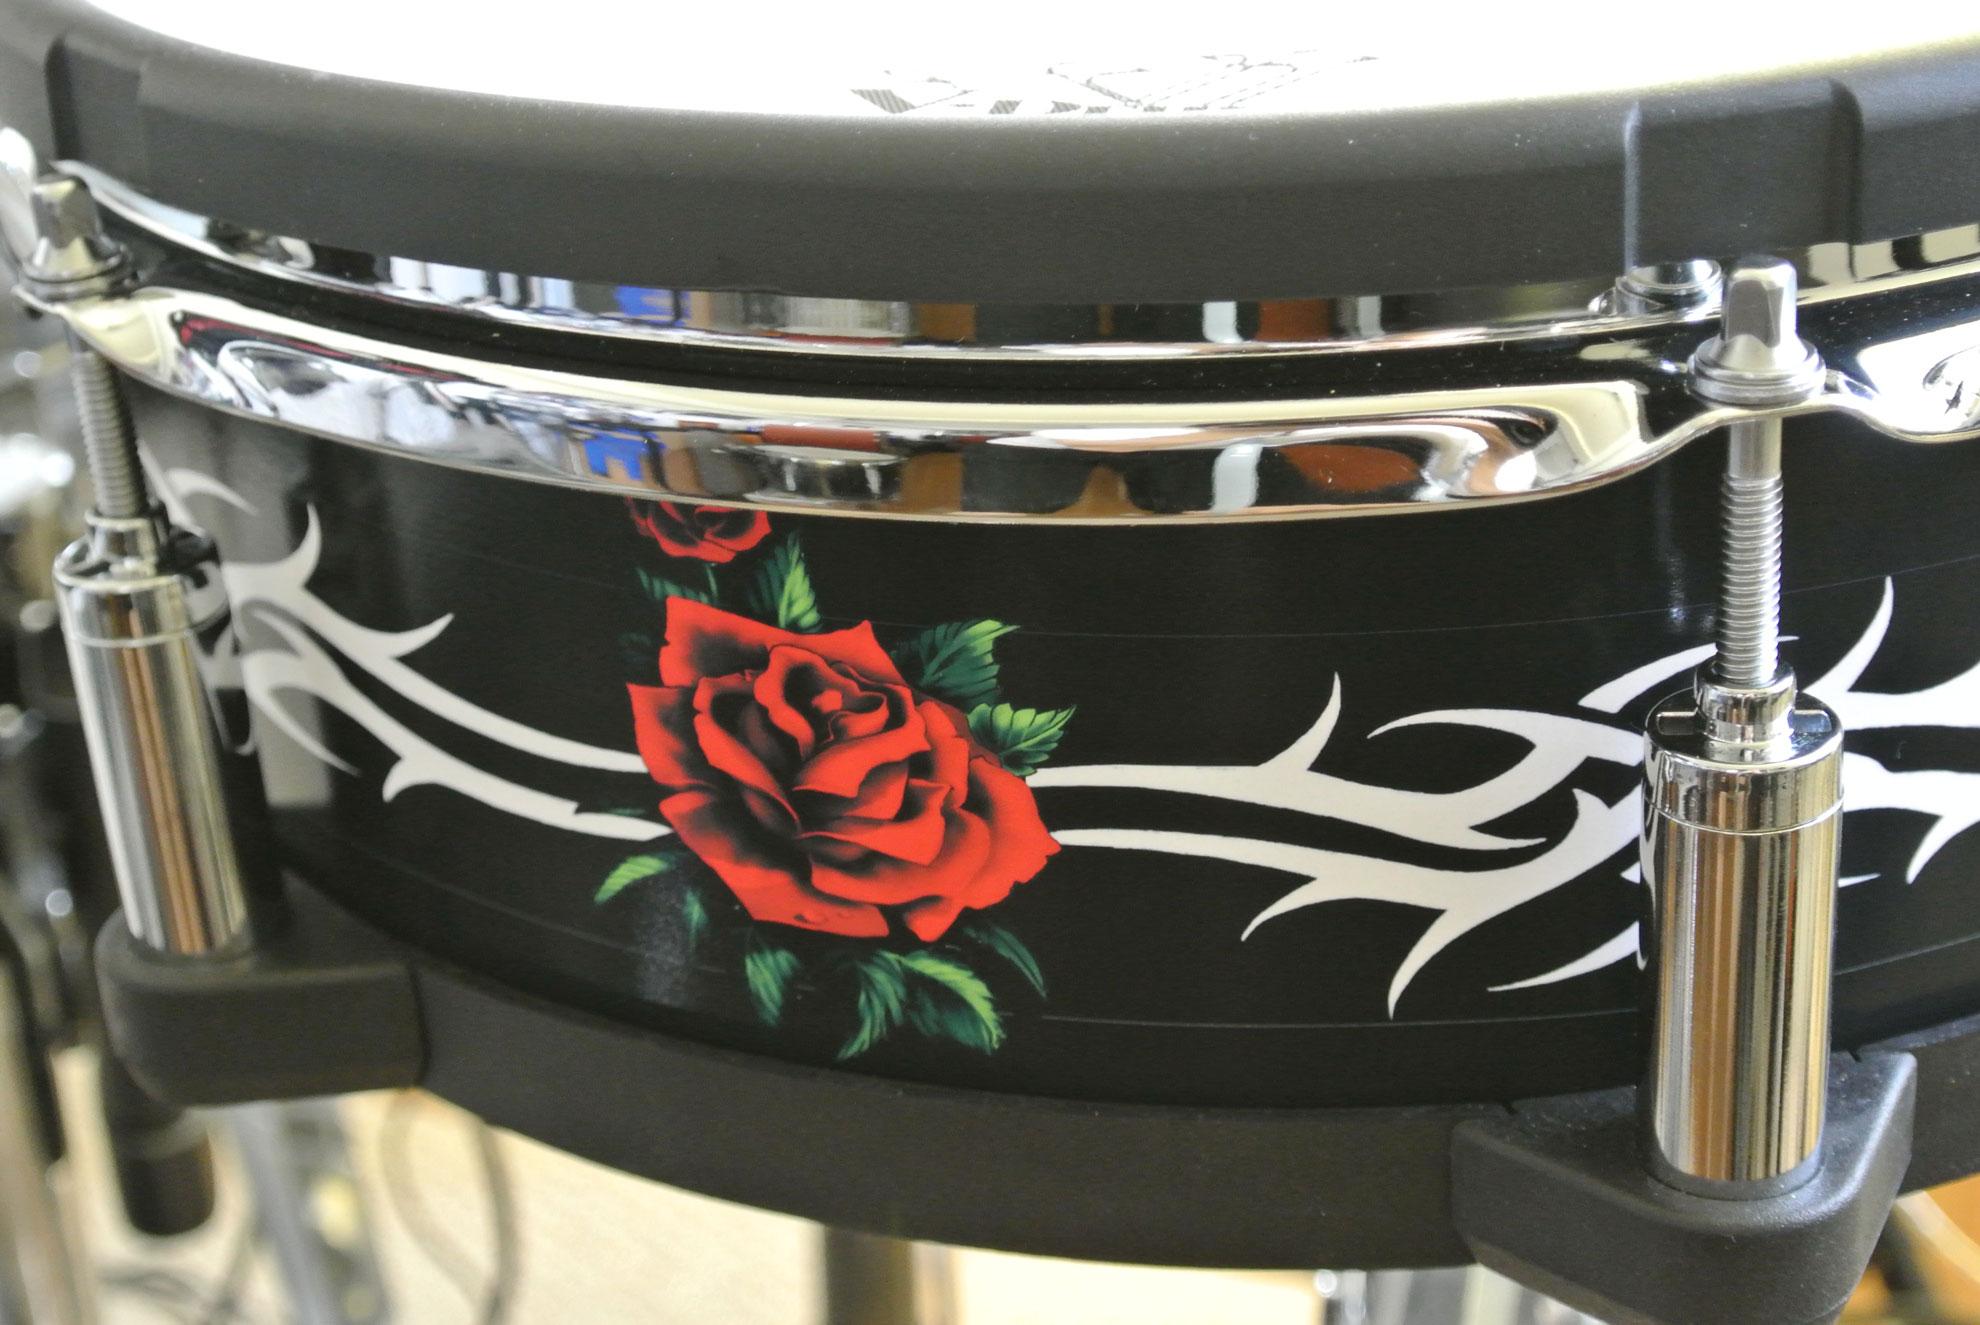 あなたのデザインでV-Drums用カバリングを作成します!